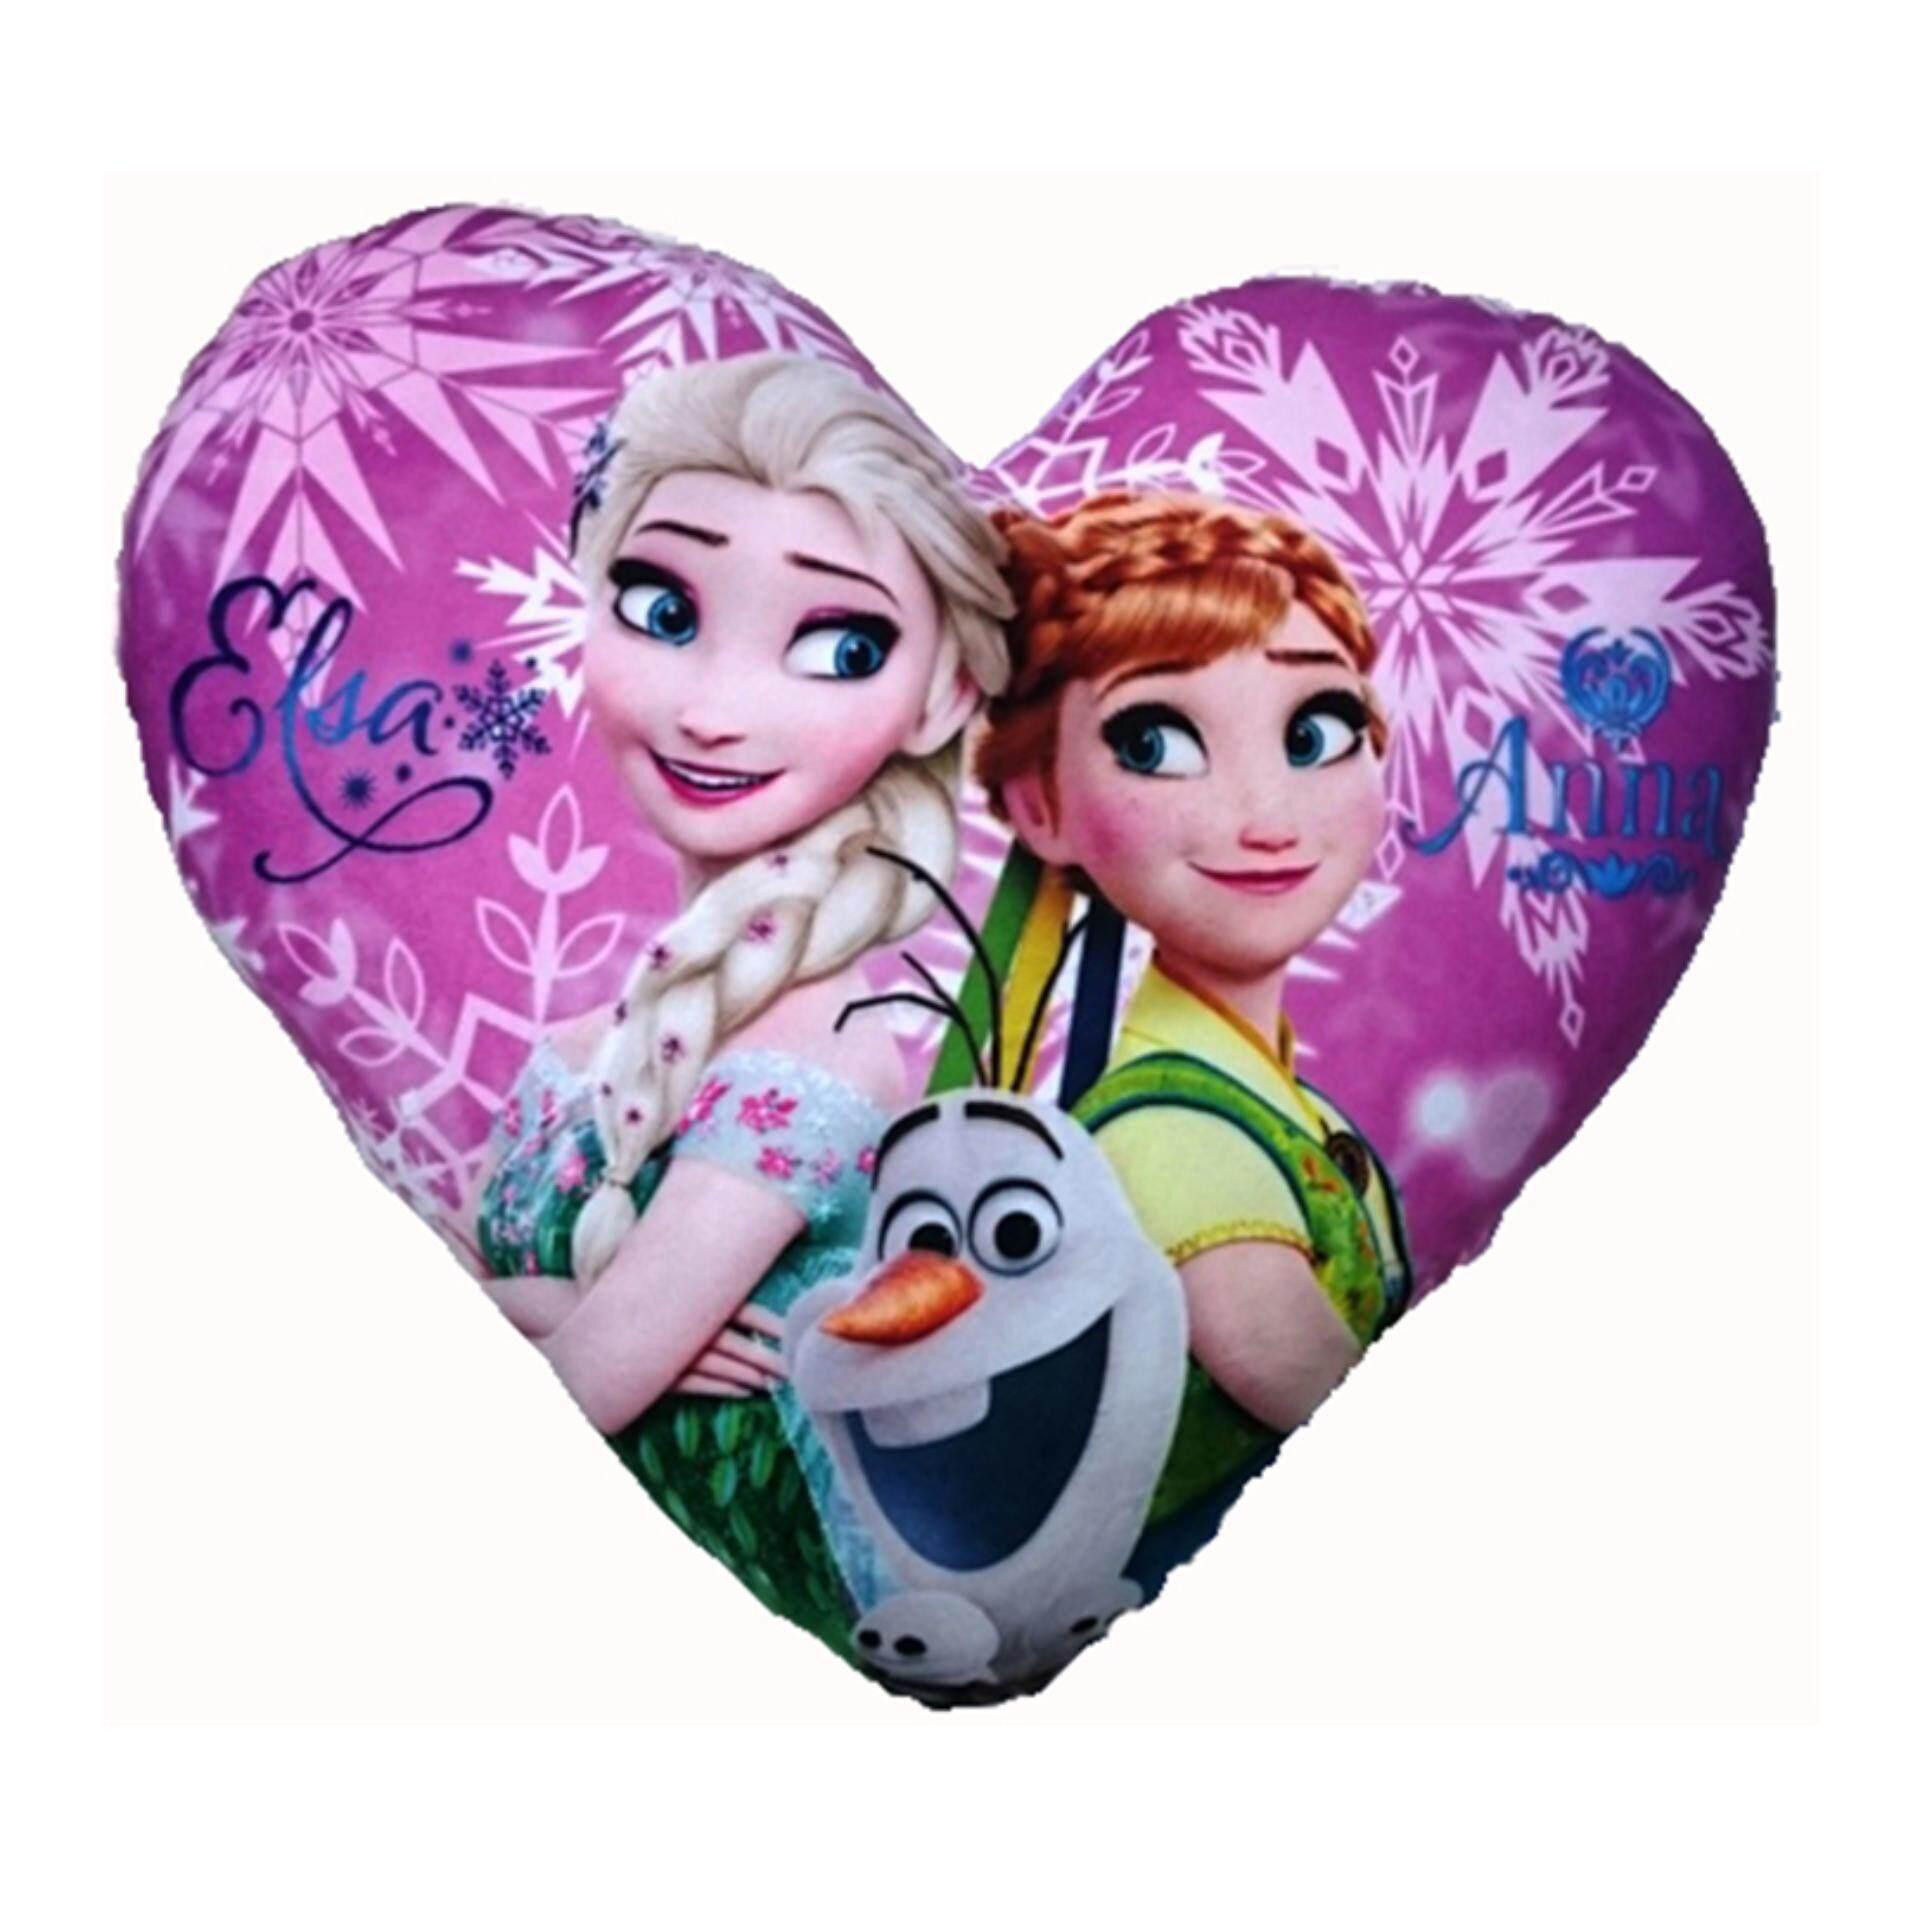 Disney Princess Frozen Fever Heart Cushion - Purple Colour